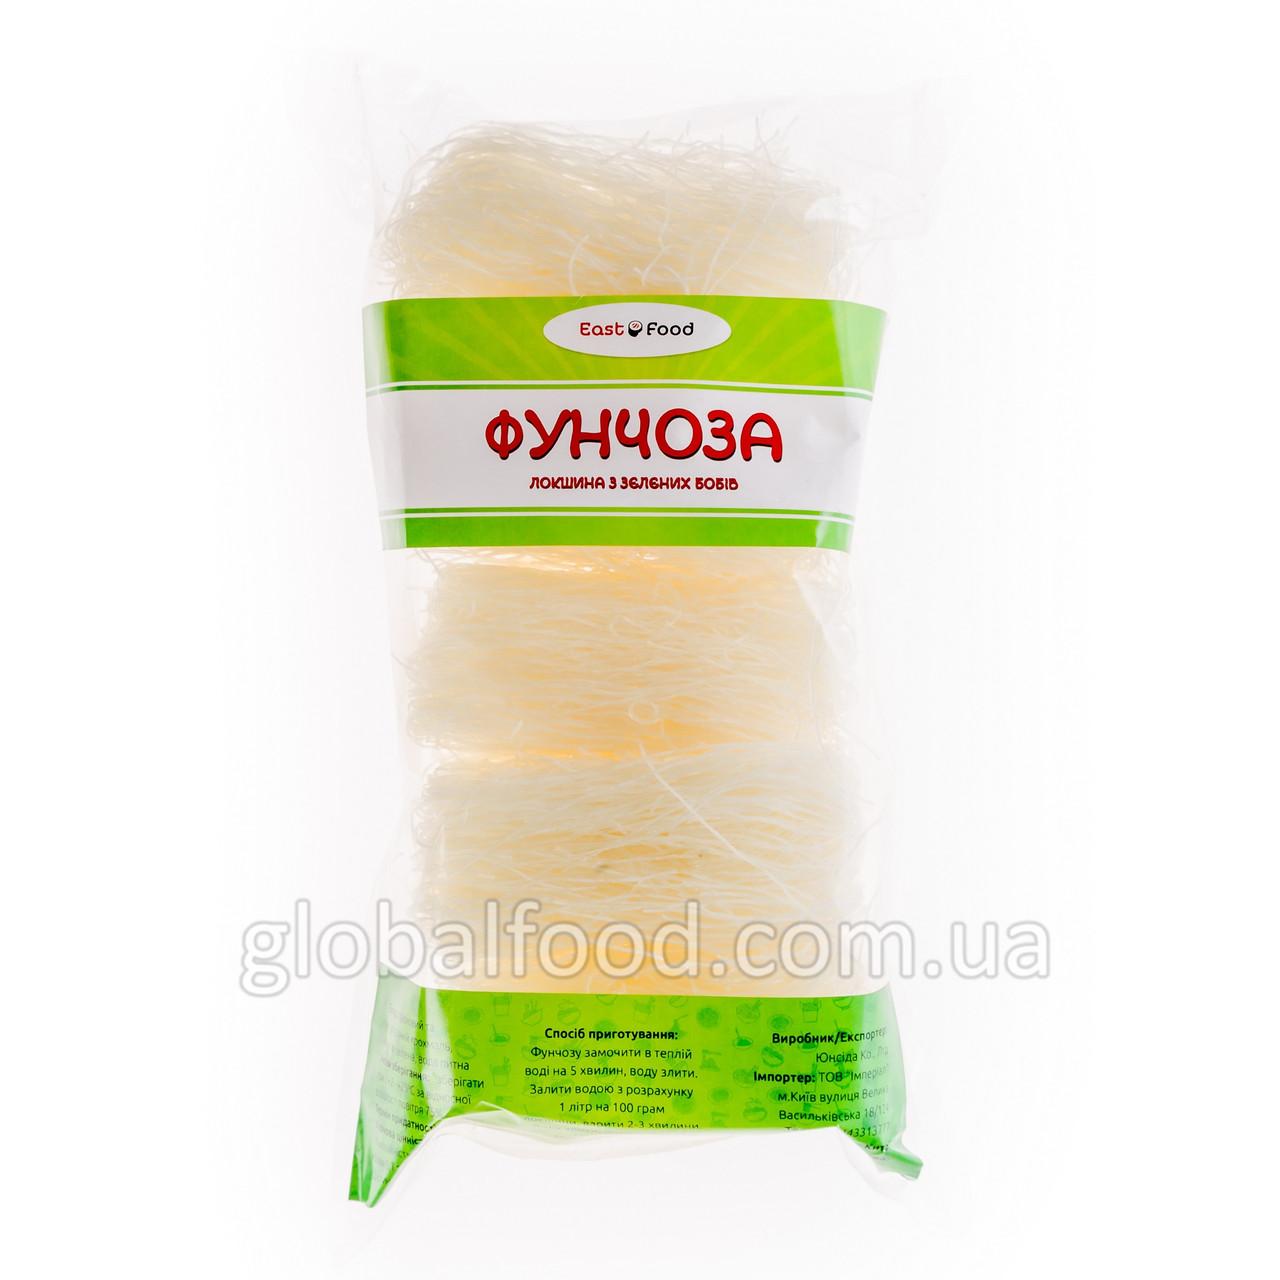 Лапша бобовая стеклянная Фунчоза (500гр)